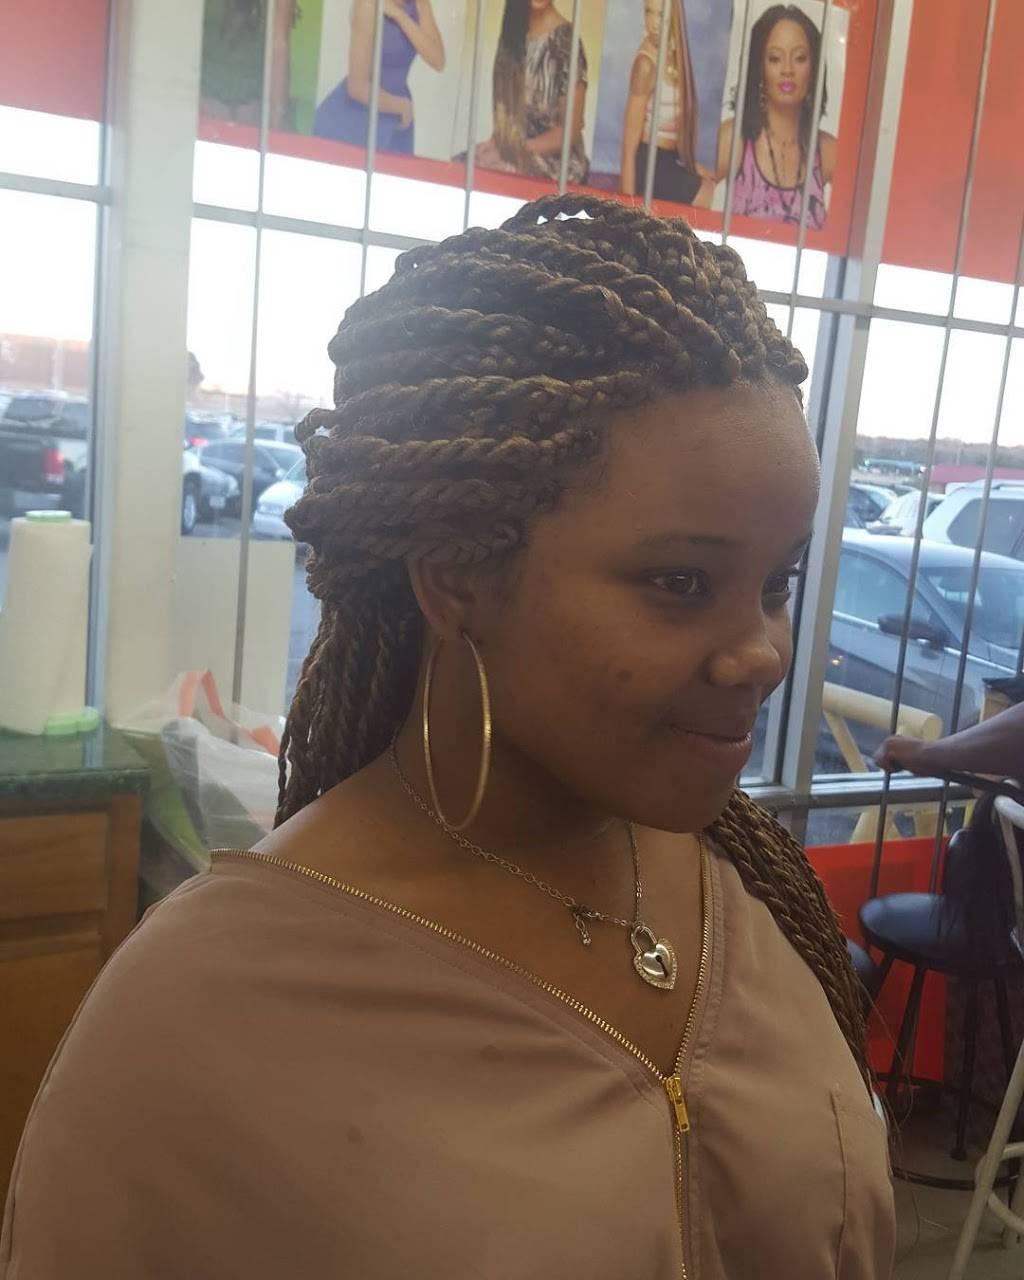 Taslim African Hair Braiding - hair care  | Photo 5 of 10 | Address: 4515 Village Fair Dr, Dallas, TX 75224, USA | Phone: (214) 371-2002